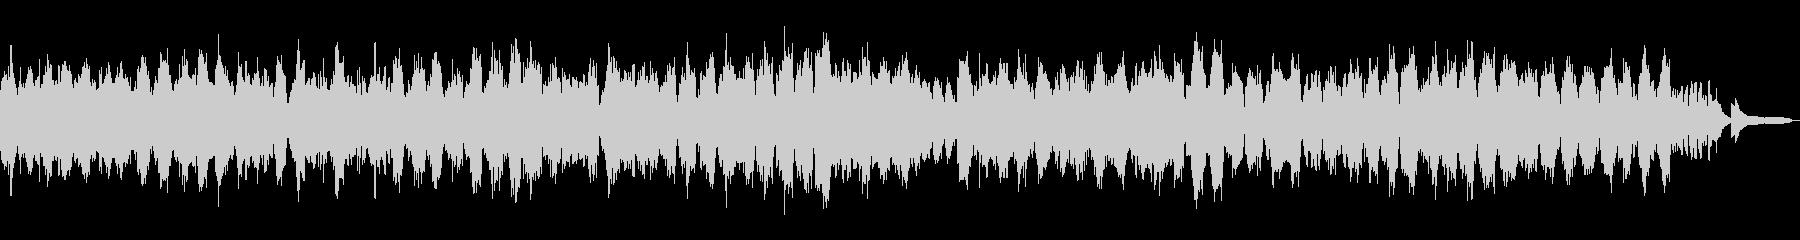 ヒーリングクラシック「春の歌」106の未再生の波形